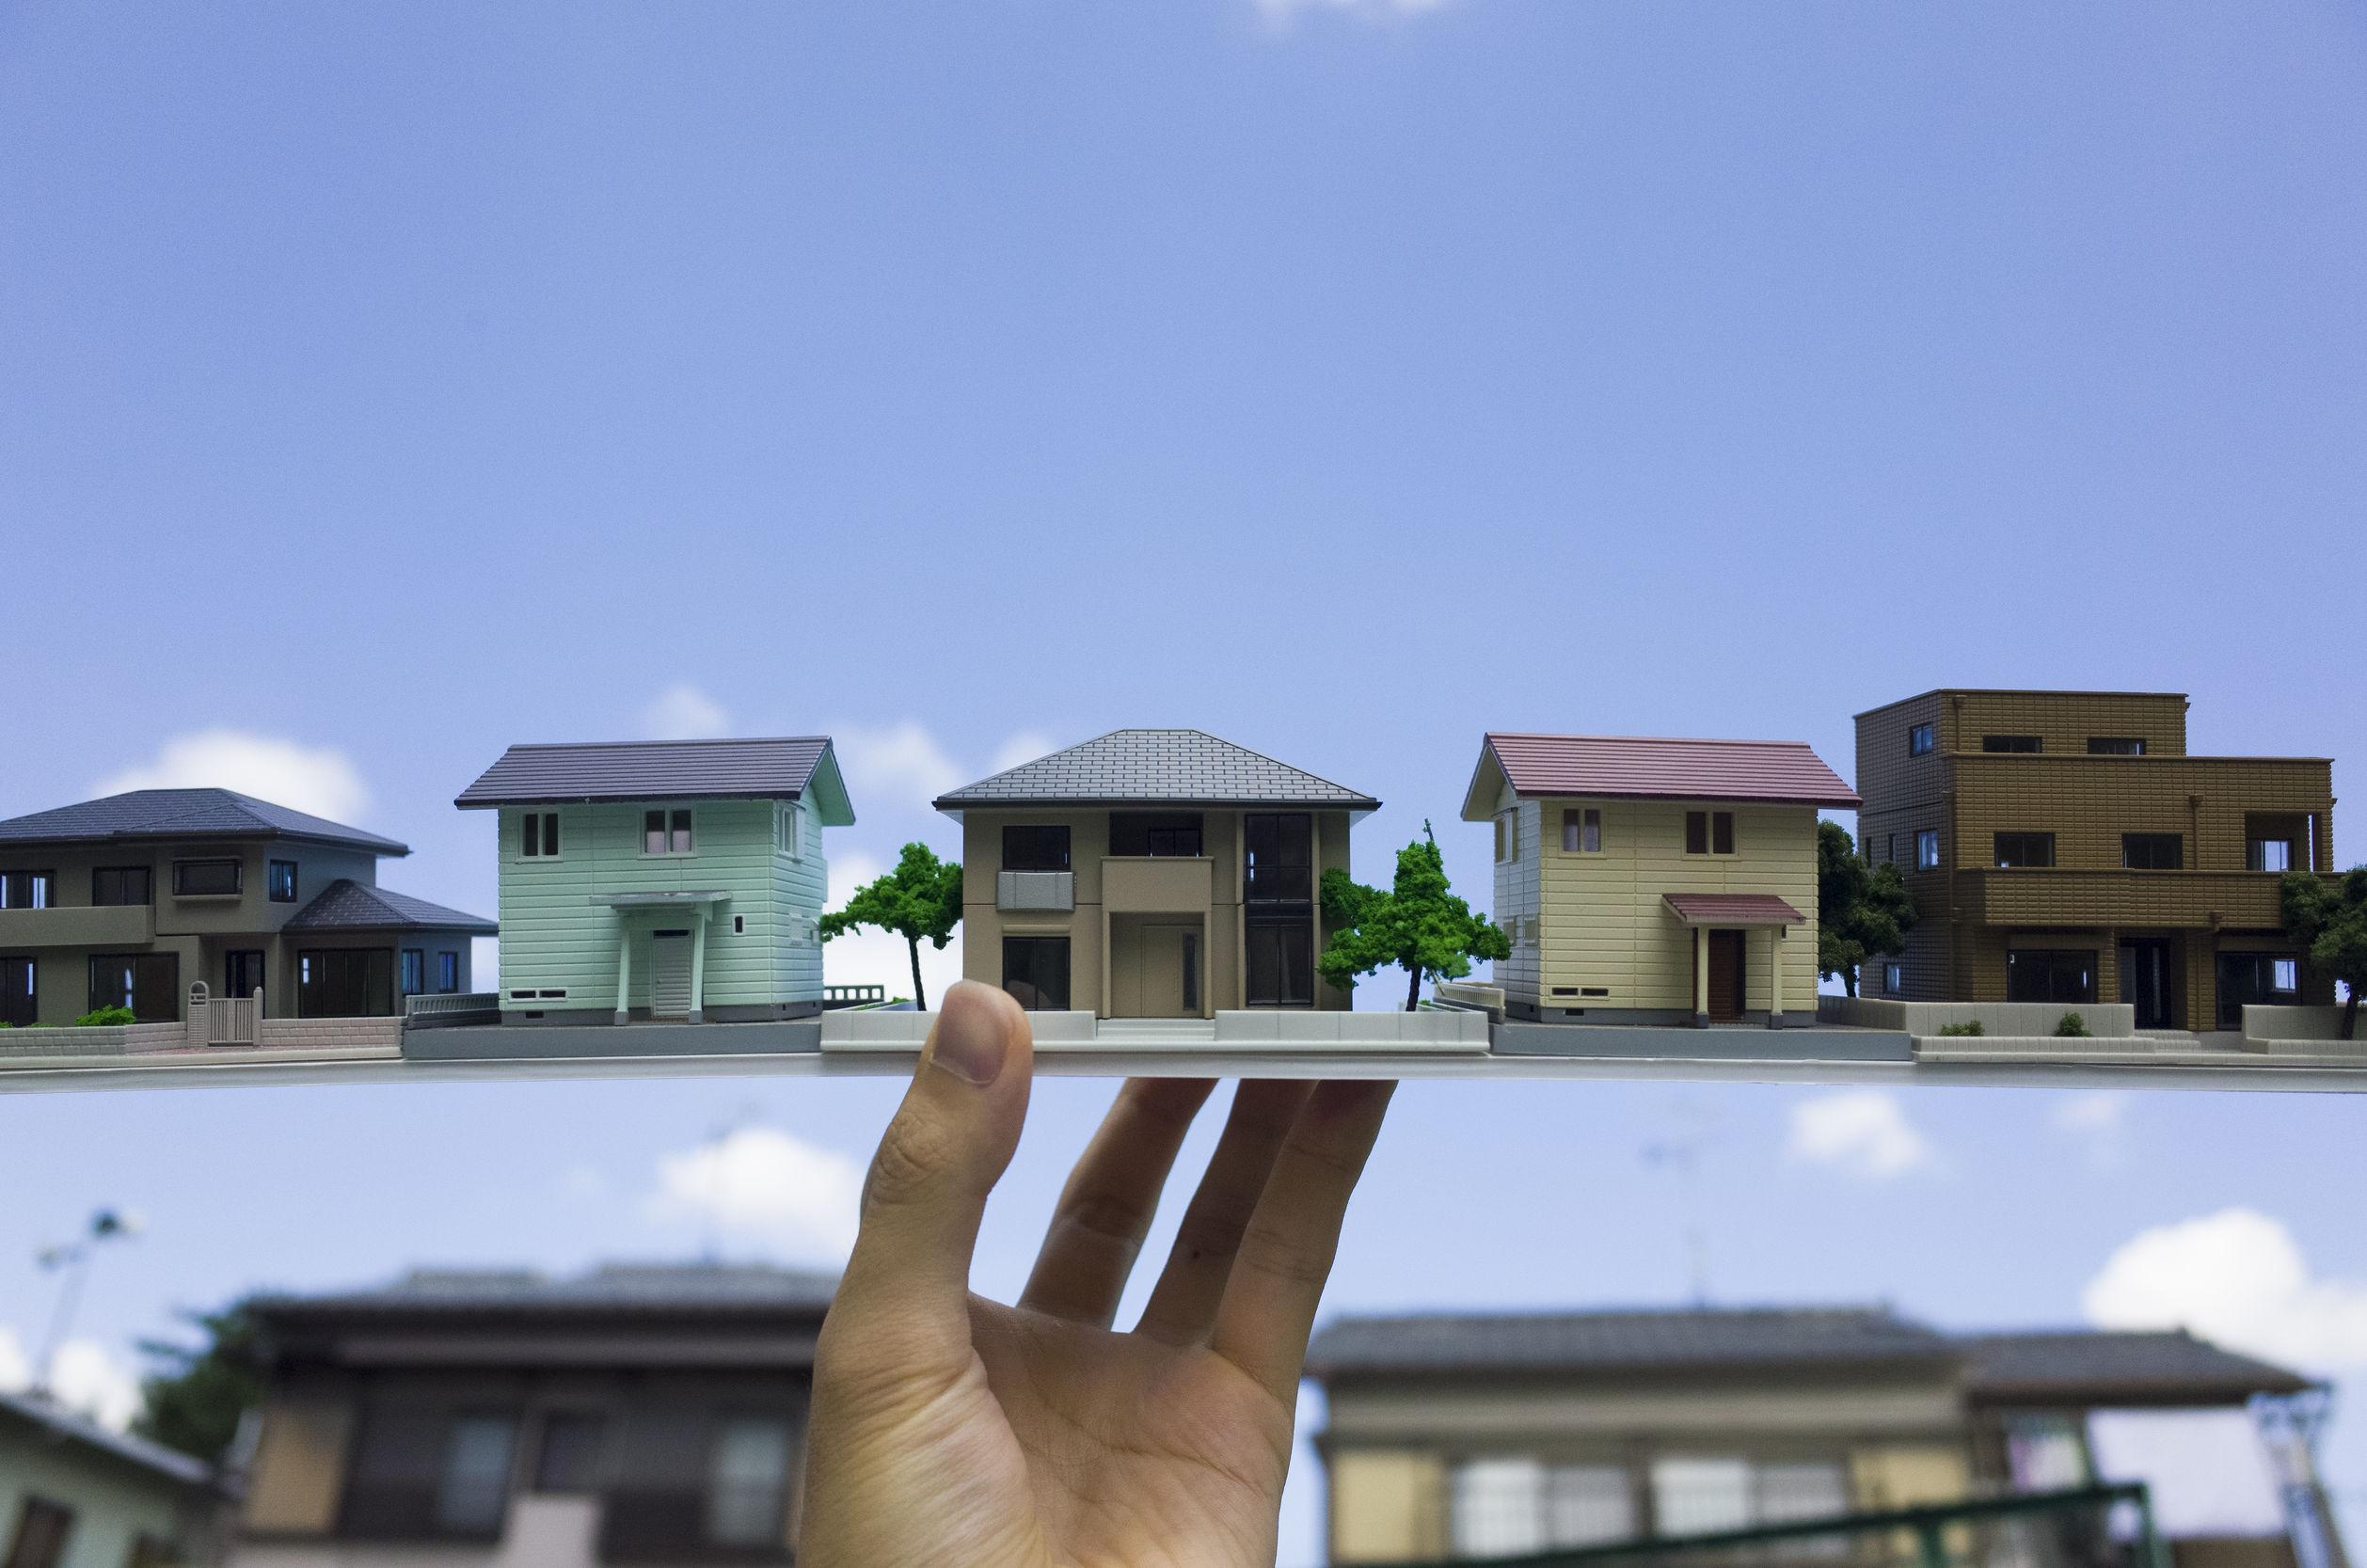 44735712 - housing image